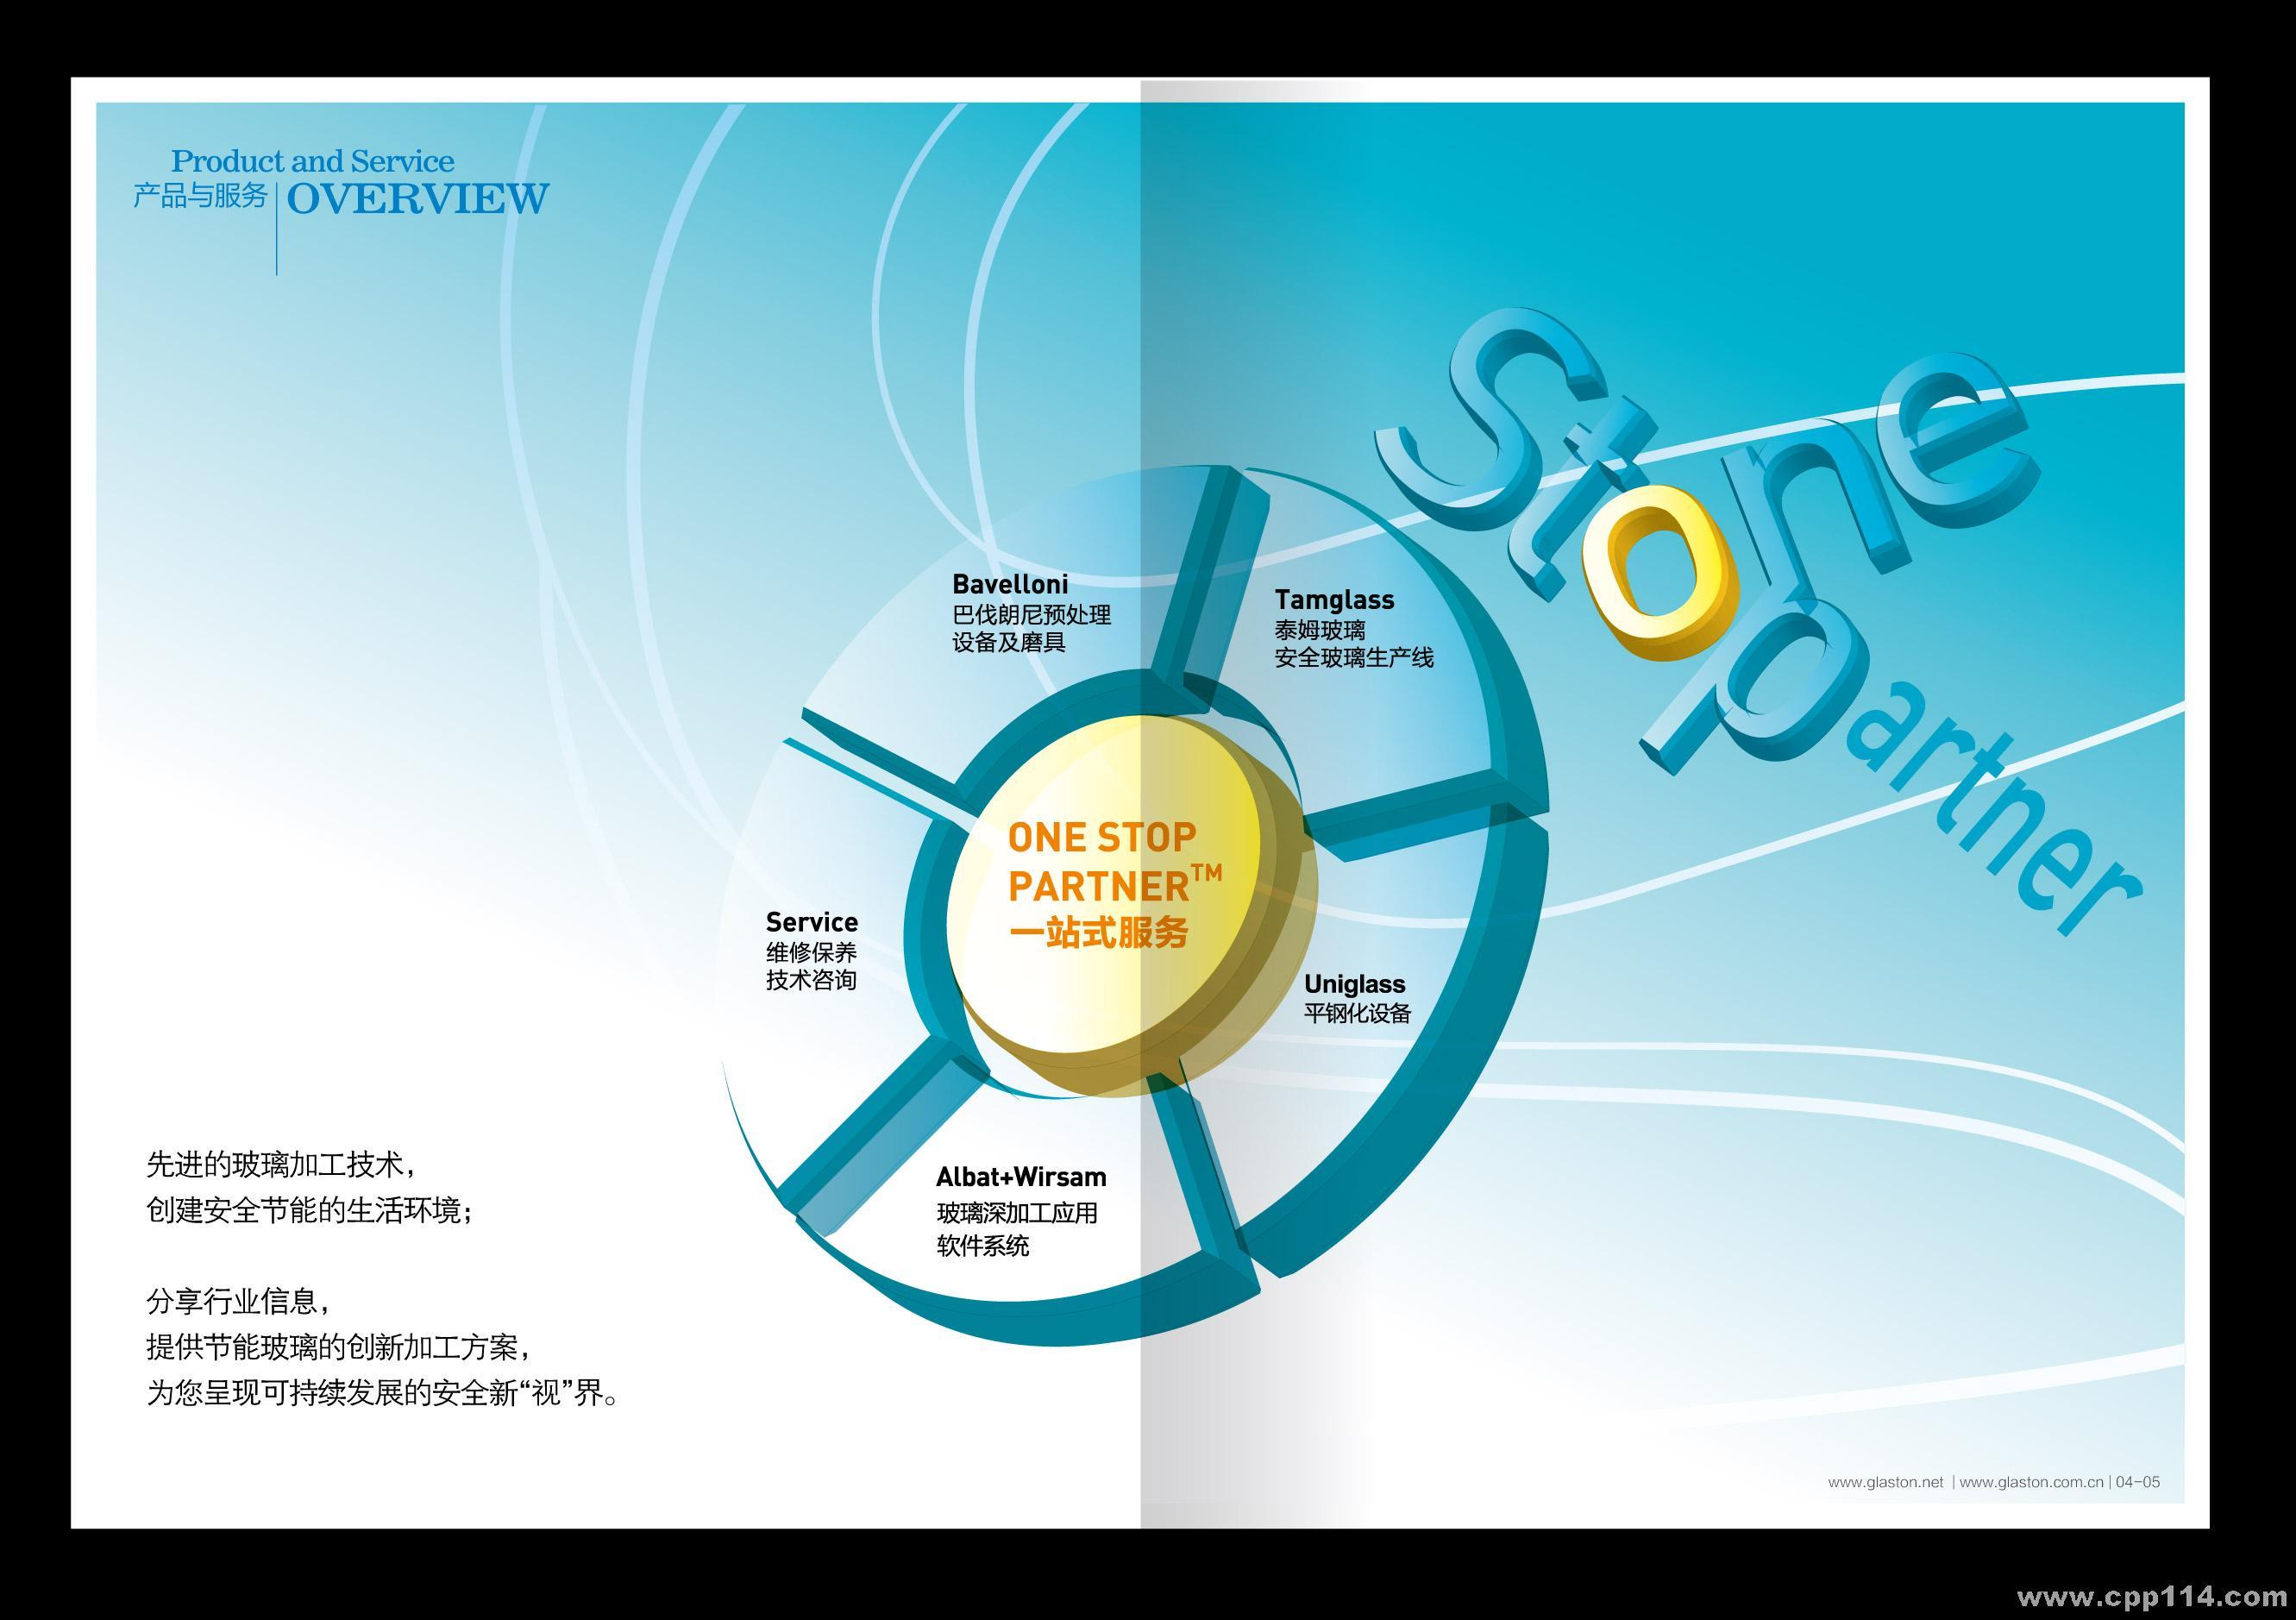 武穆传播成立于2004年,是国内本土广告公司最资深、极具影响力的专业样本设计公司之一。作为最具专业样本设计实力的广告公司之一,武穆传播提供全面的一站式服务体系,武穆一直以为您提供国际级样本设计为目标,公司拥有世界500强知名品牌客户。成功的为上百家企业提供优秀的样本设计和企业形象整合。并得到客户的一致好评。 武穆为您提供企业样本设计,企业宣传册设计,企业产品手册设计,企业型录设计等工业领域的样本样册设计服务。在工业样本设计.